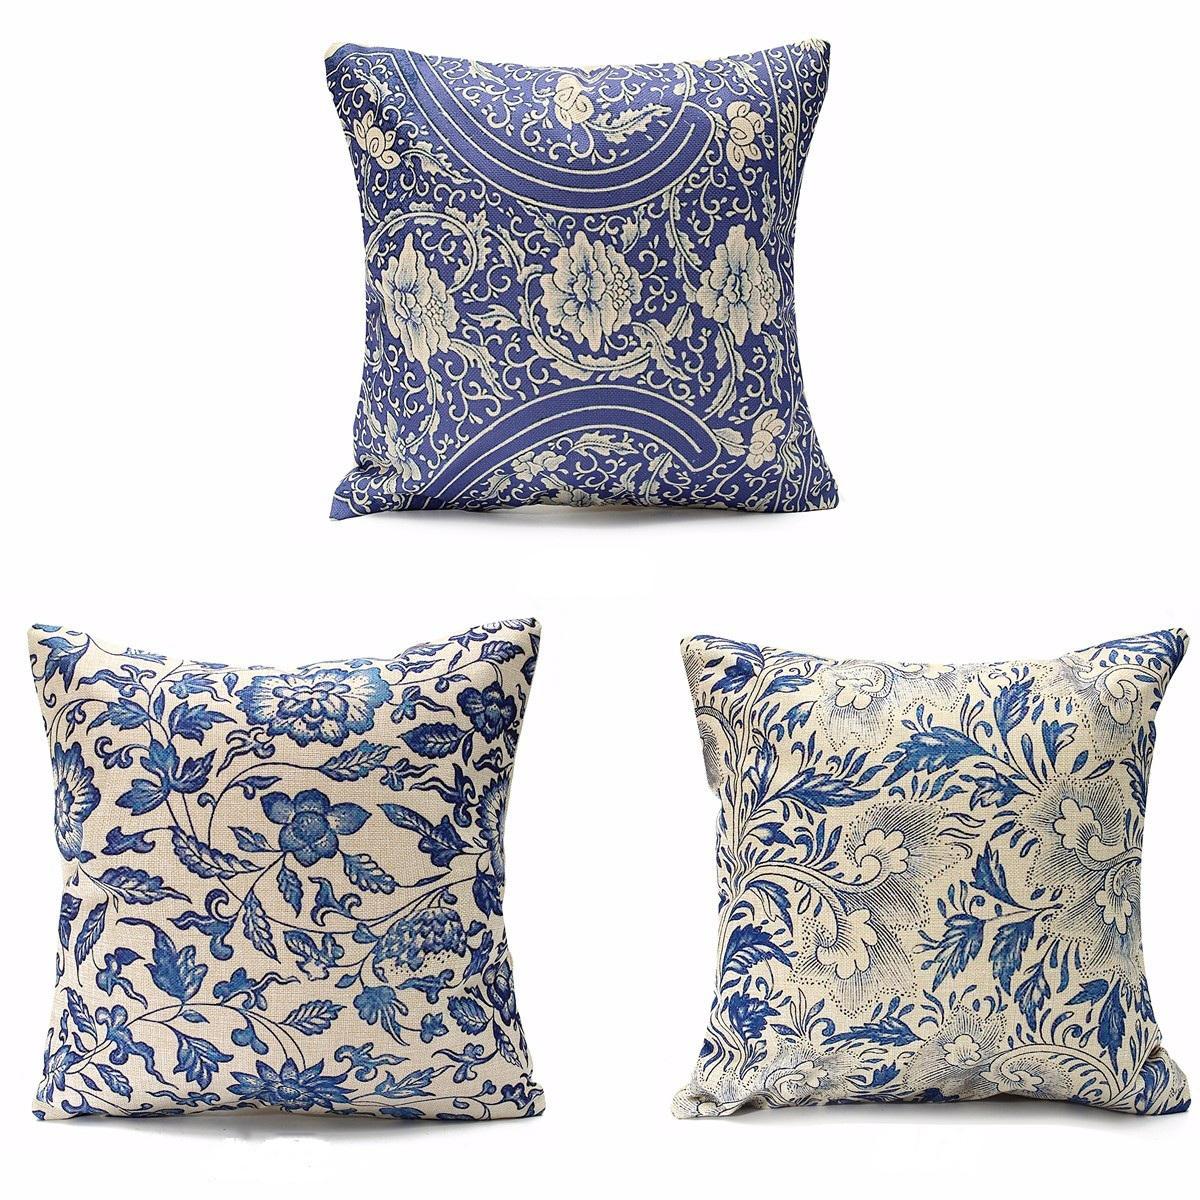 45x45cm Vintage Oriental Retro Bleu Floral Linge Taie d'oreiller Housse de Coussin Décor À La Maison